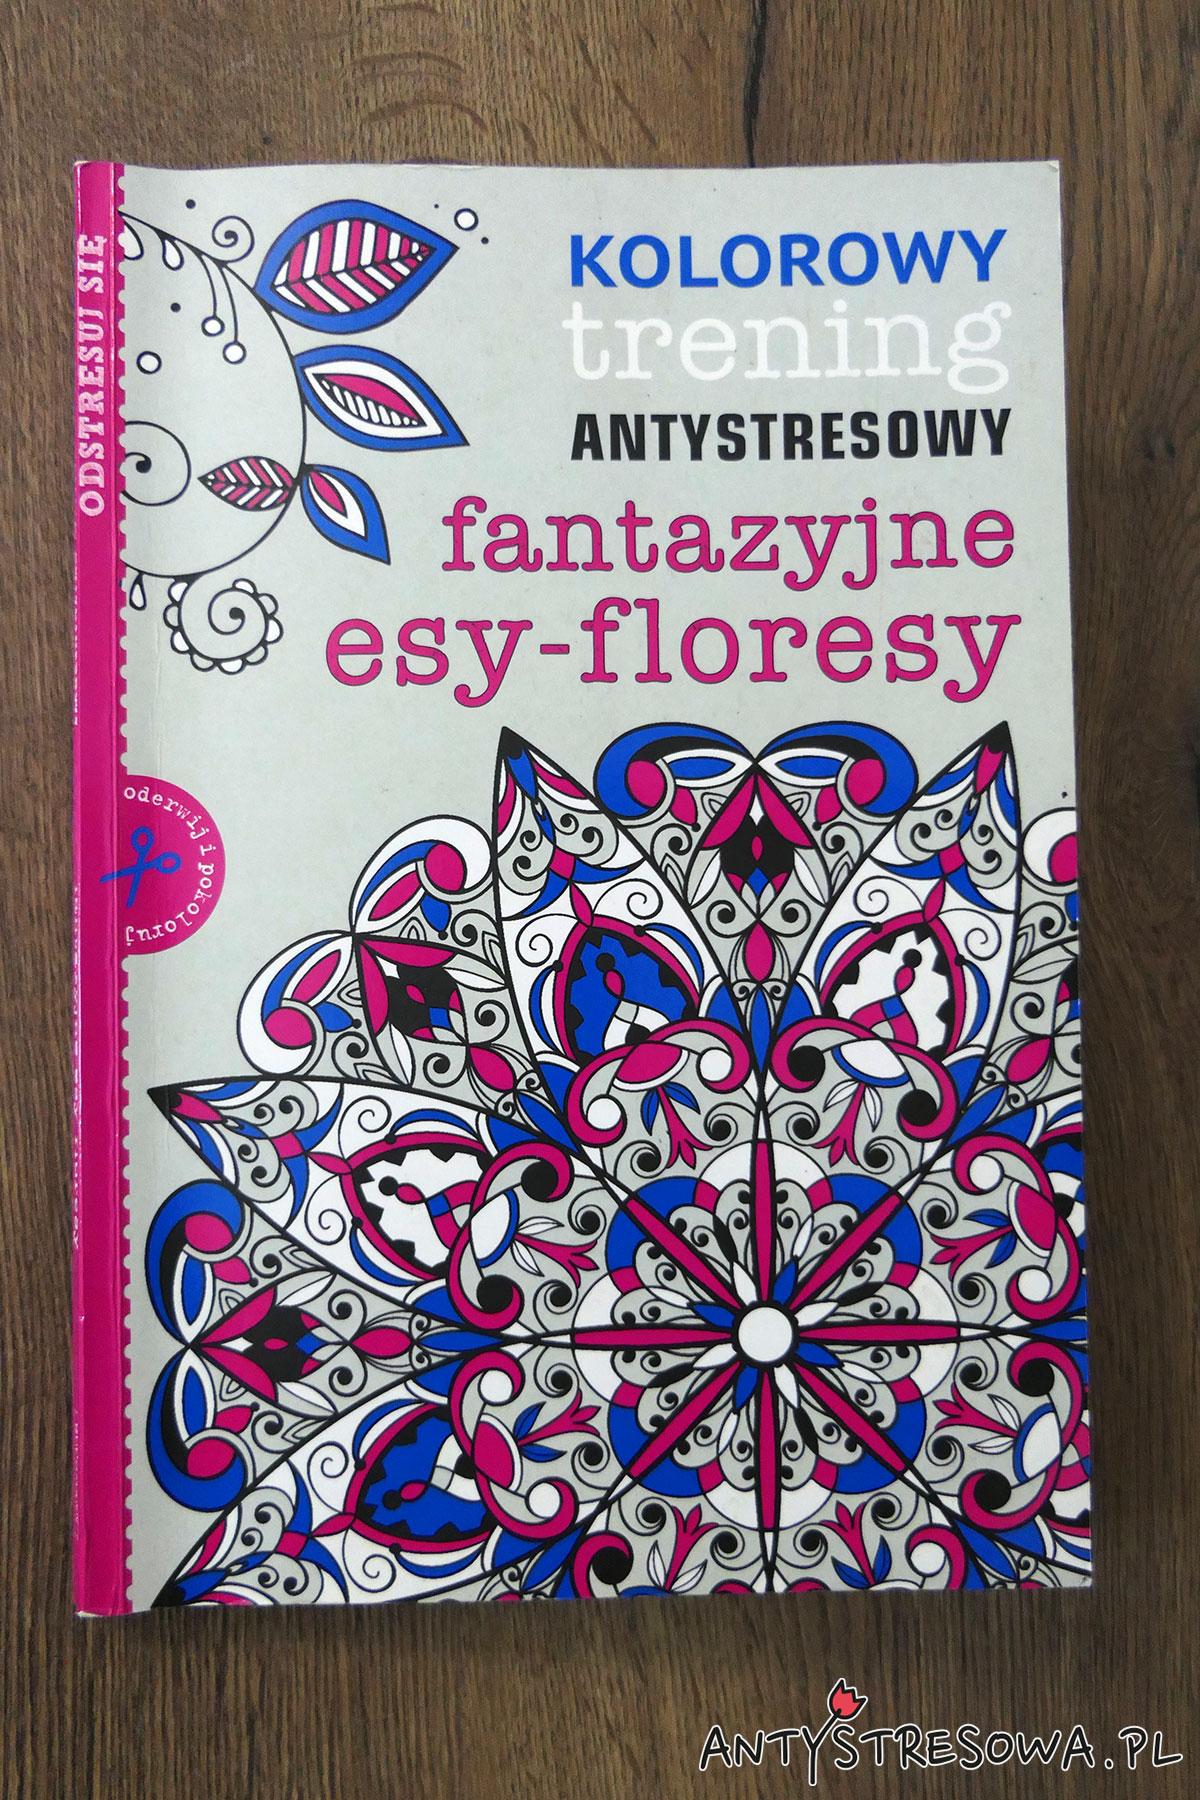 Okładka kolorowanki Fantazyjne esy-floresy